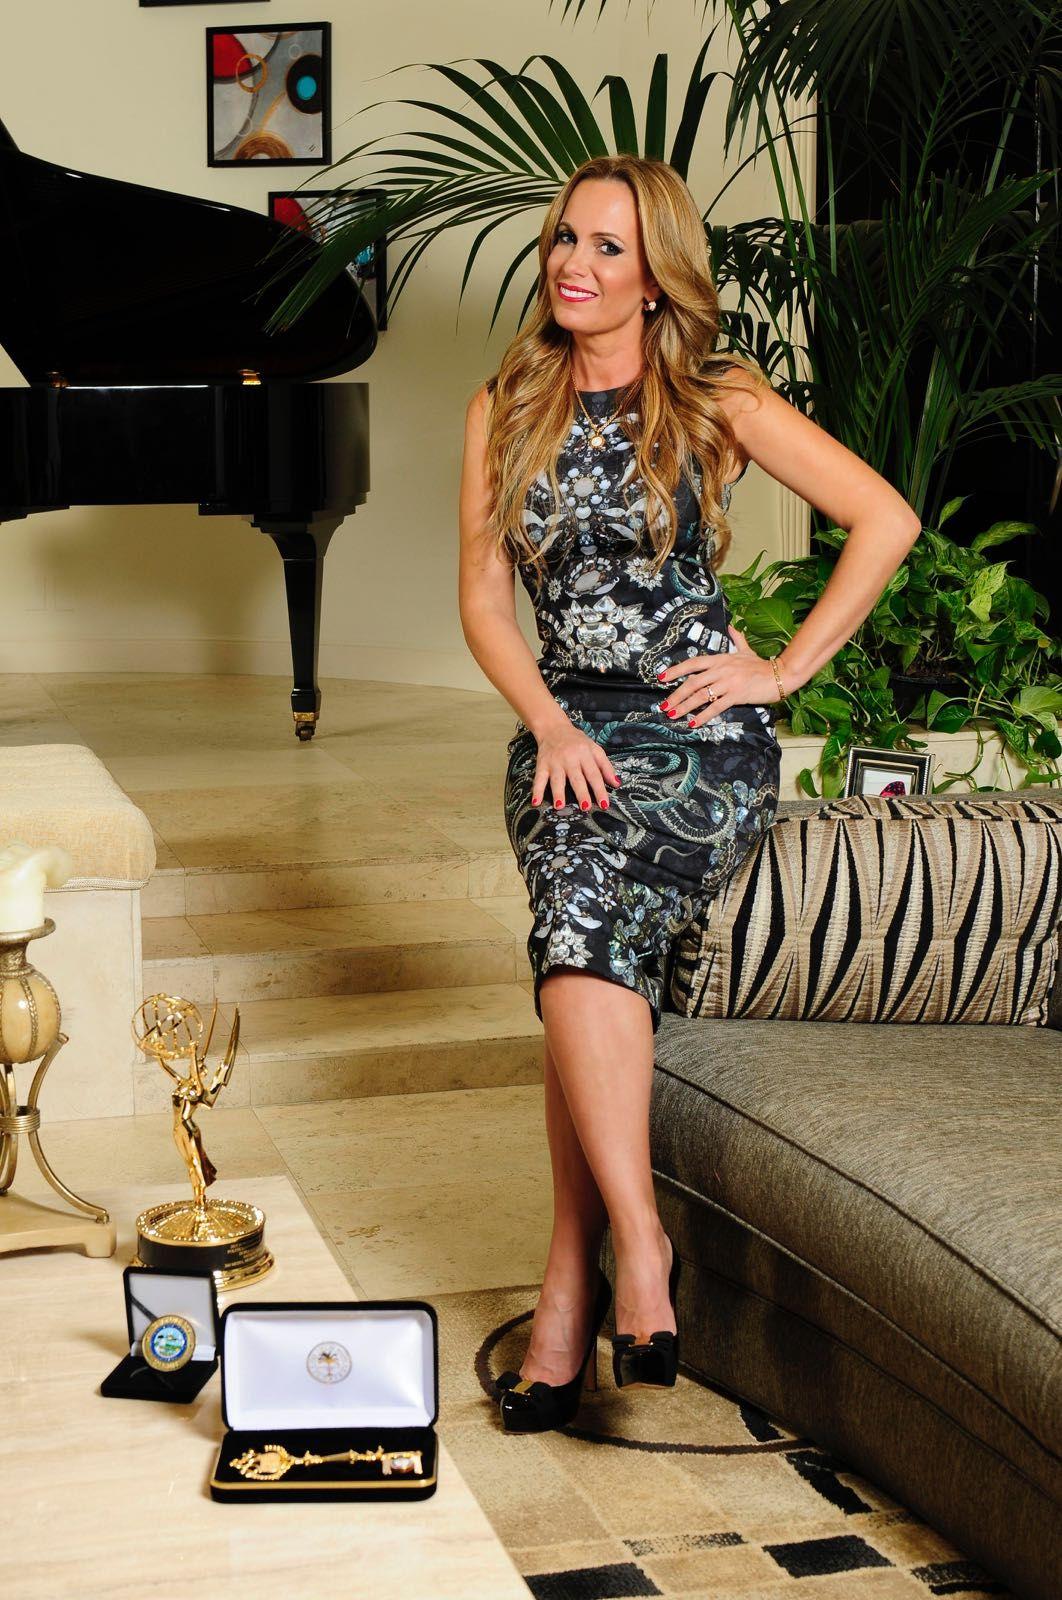 Fotografia Natalia Denegri se lucirá de nuevo en el Emmy 2017